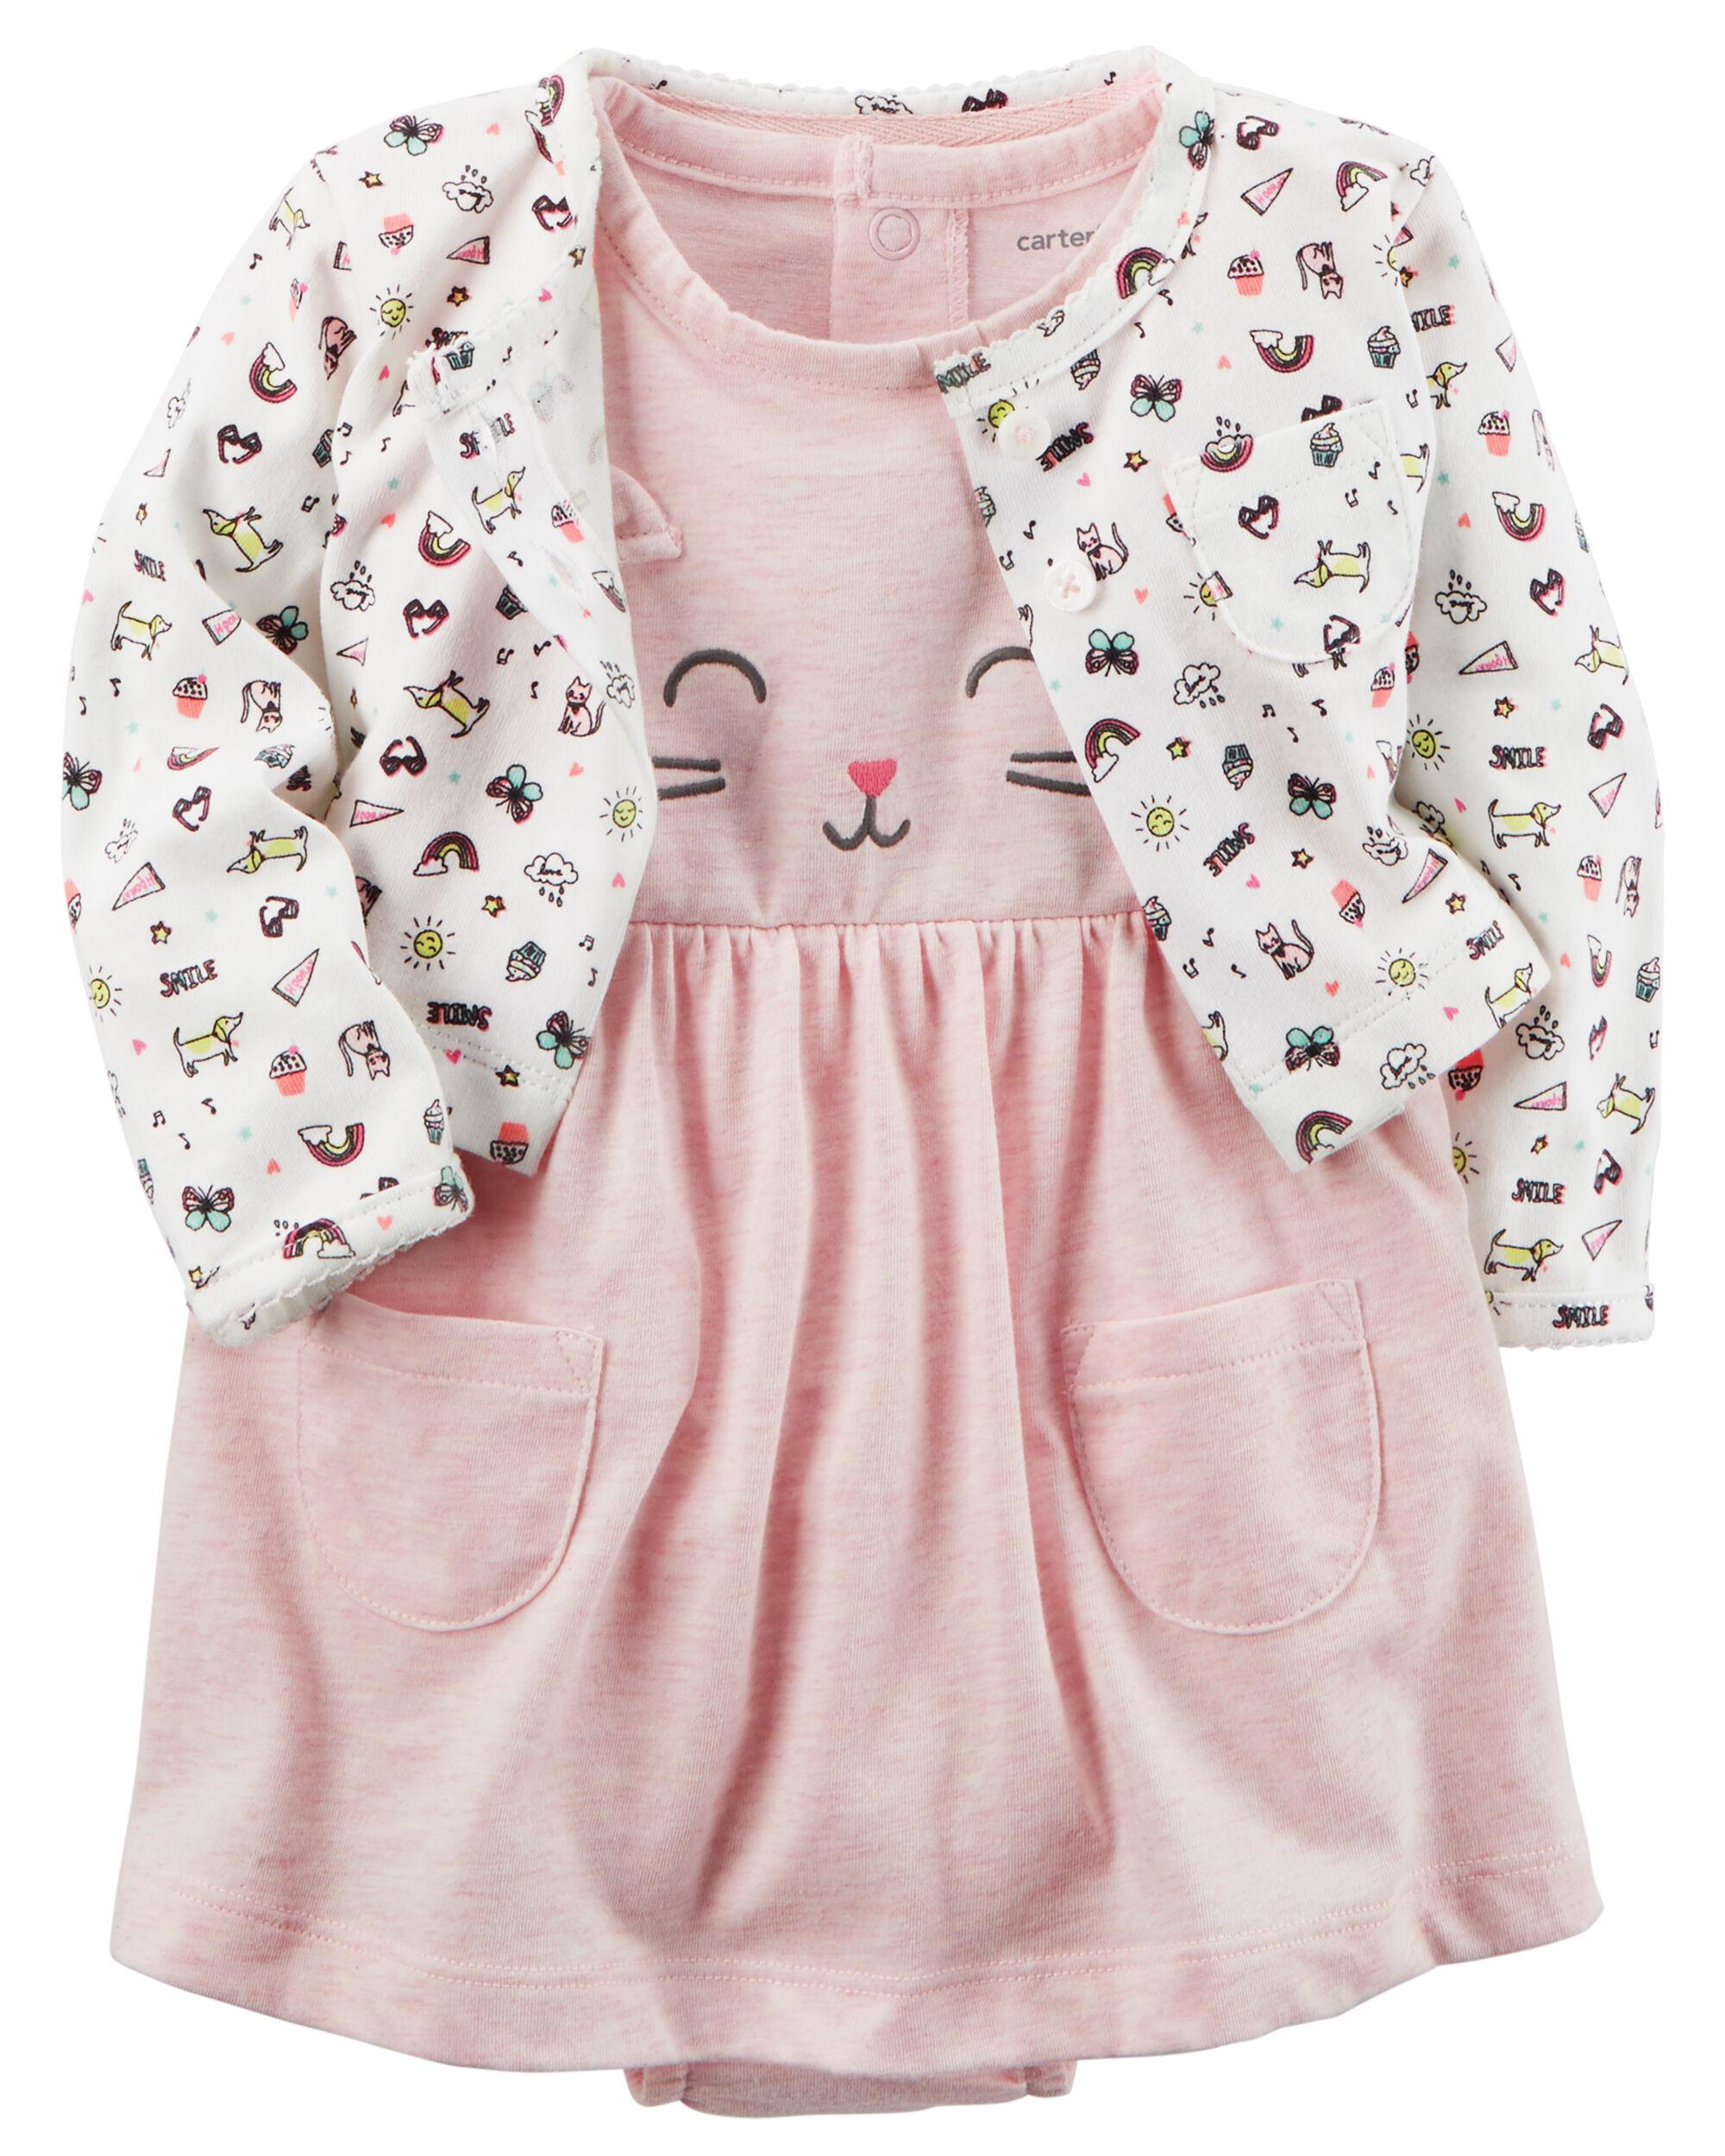 Toddler girls clothing stores